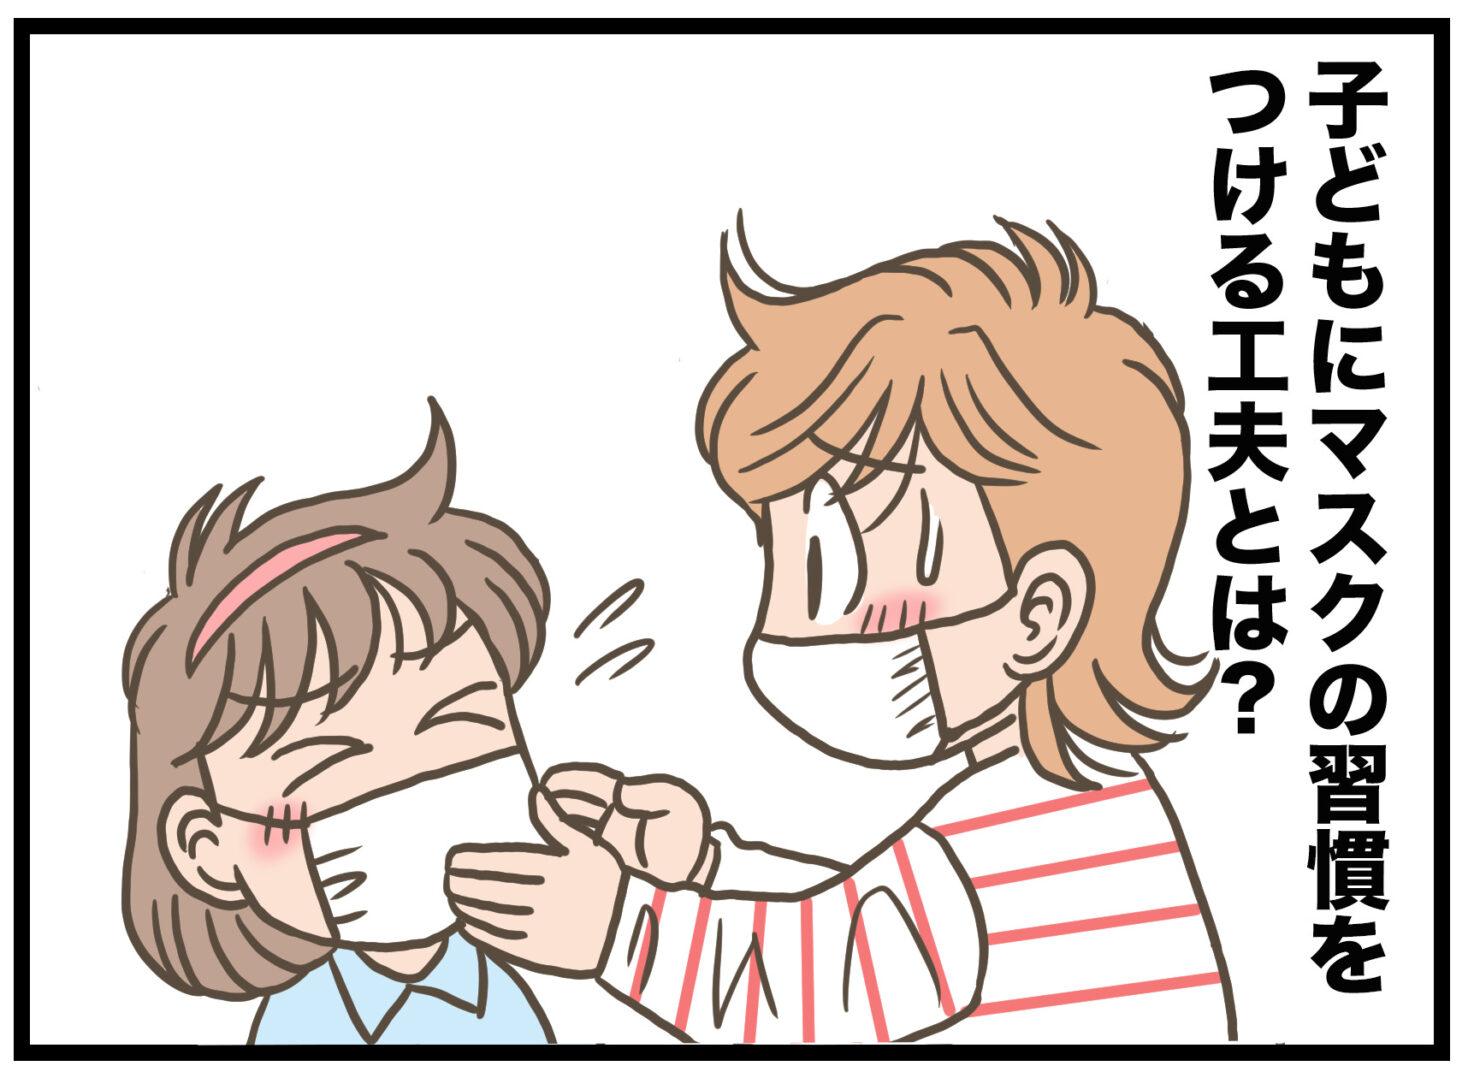 【育児漫画・育児あるあるvol.4】「感染症予防! 嫌がる子供にマスクをつける方法は?」